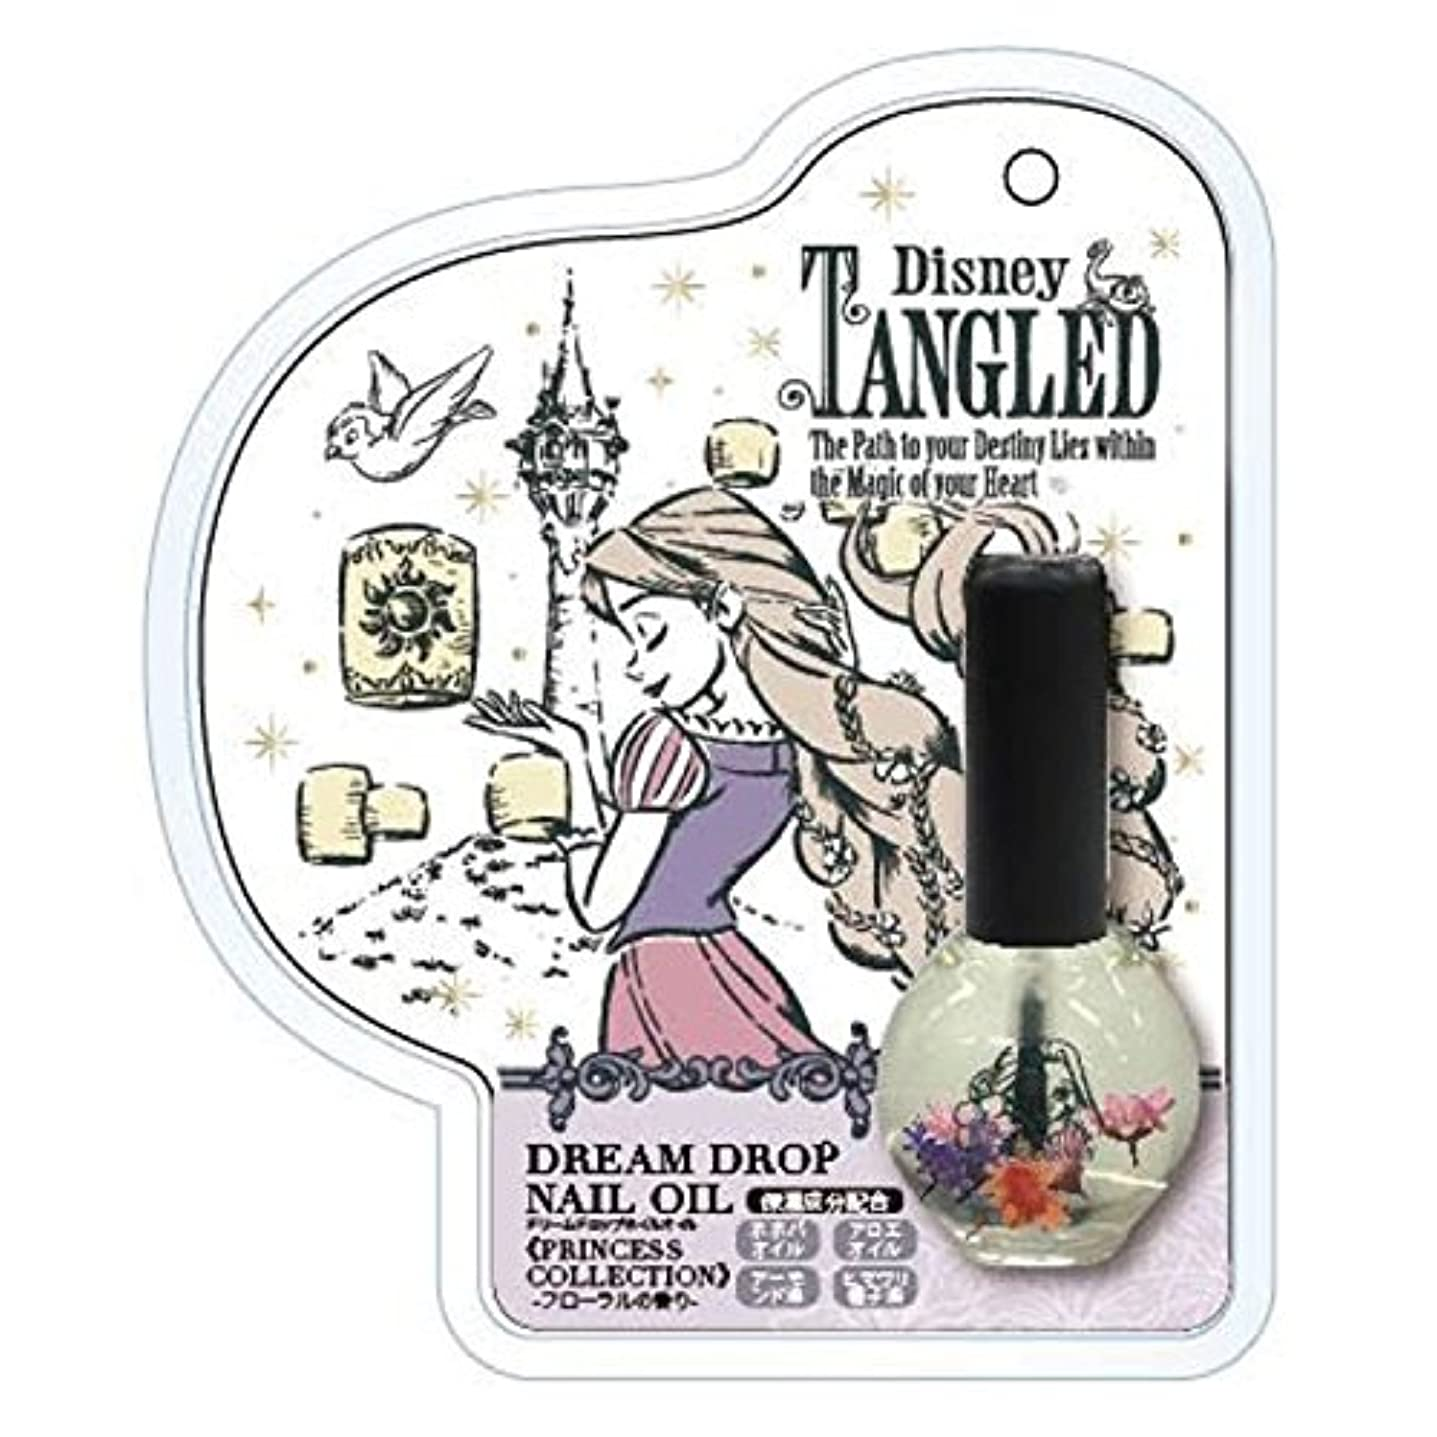 のホスト記念品純粋にSHO-BI(ショービ) ドリームドロップネイルオイル プリンセスコレクション ラプンツェル-フローラルの香り-DN04751